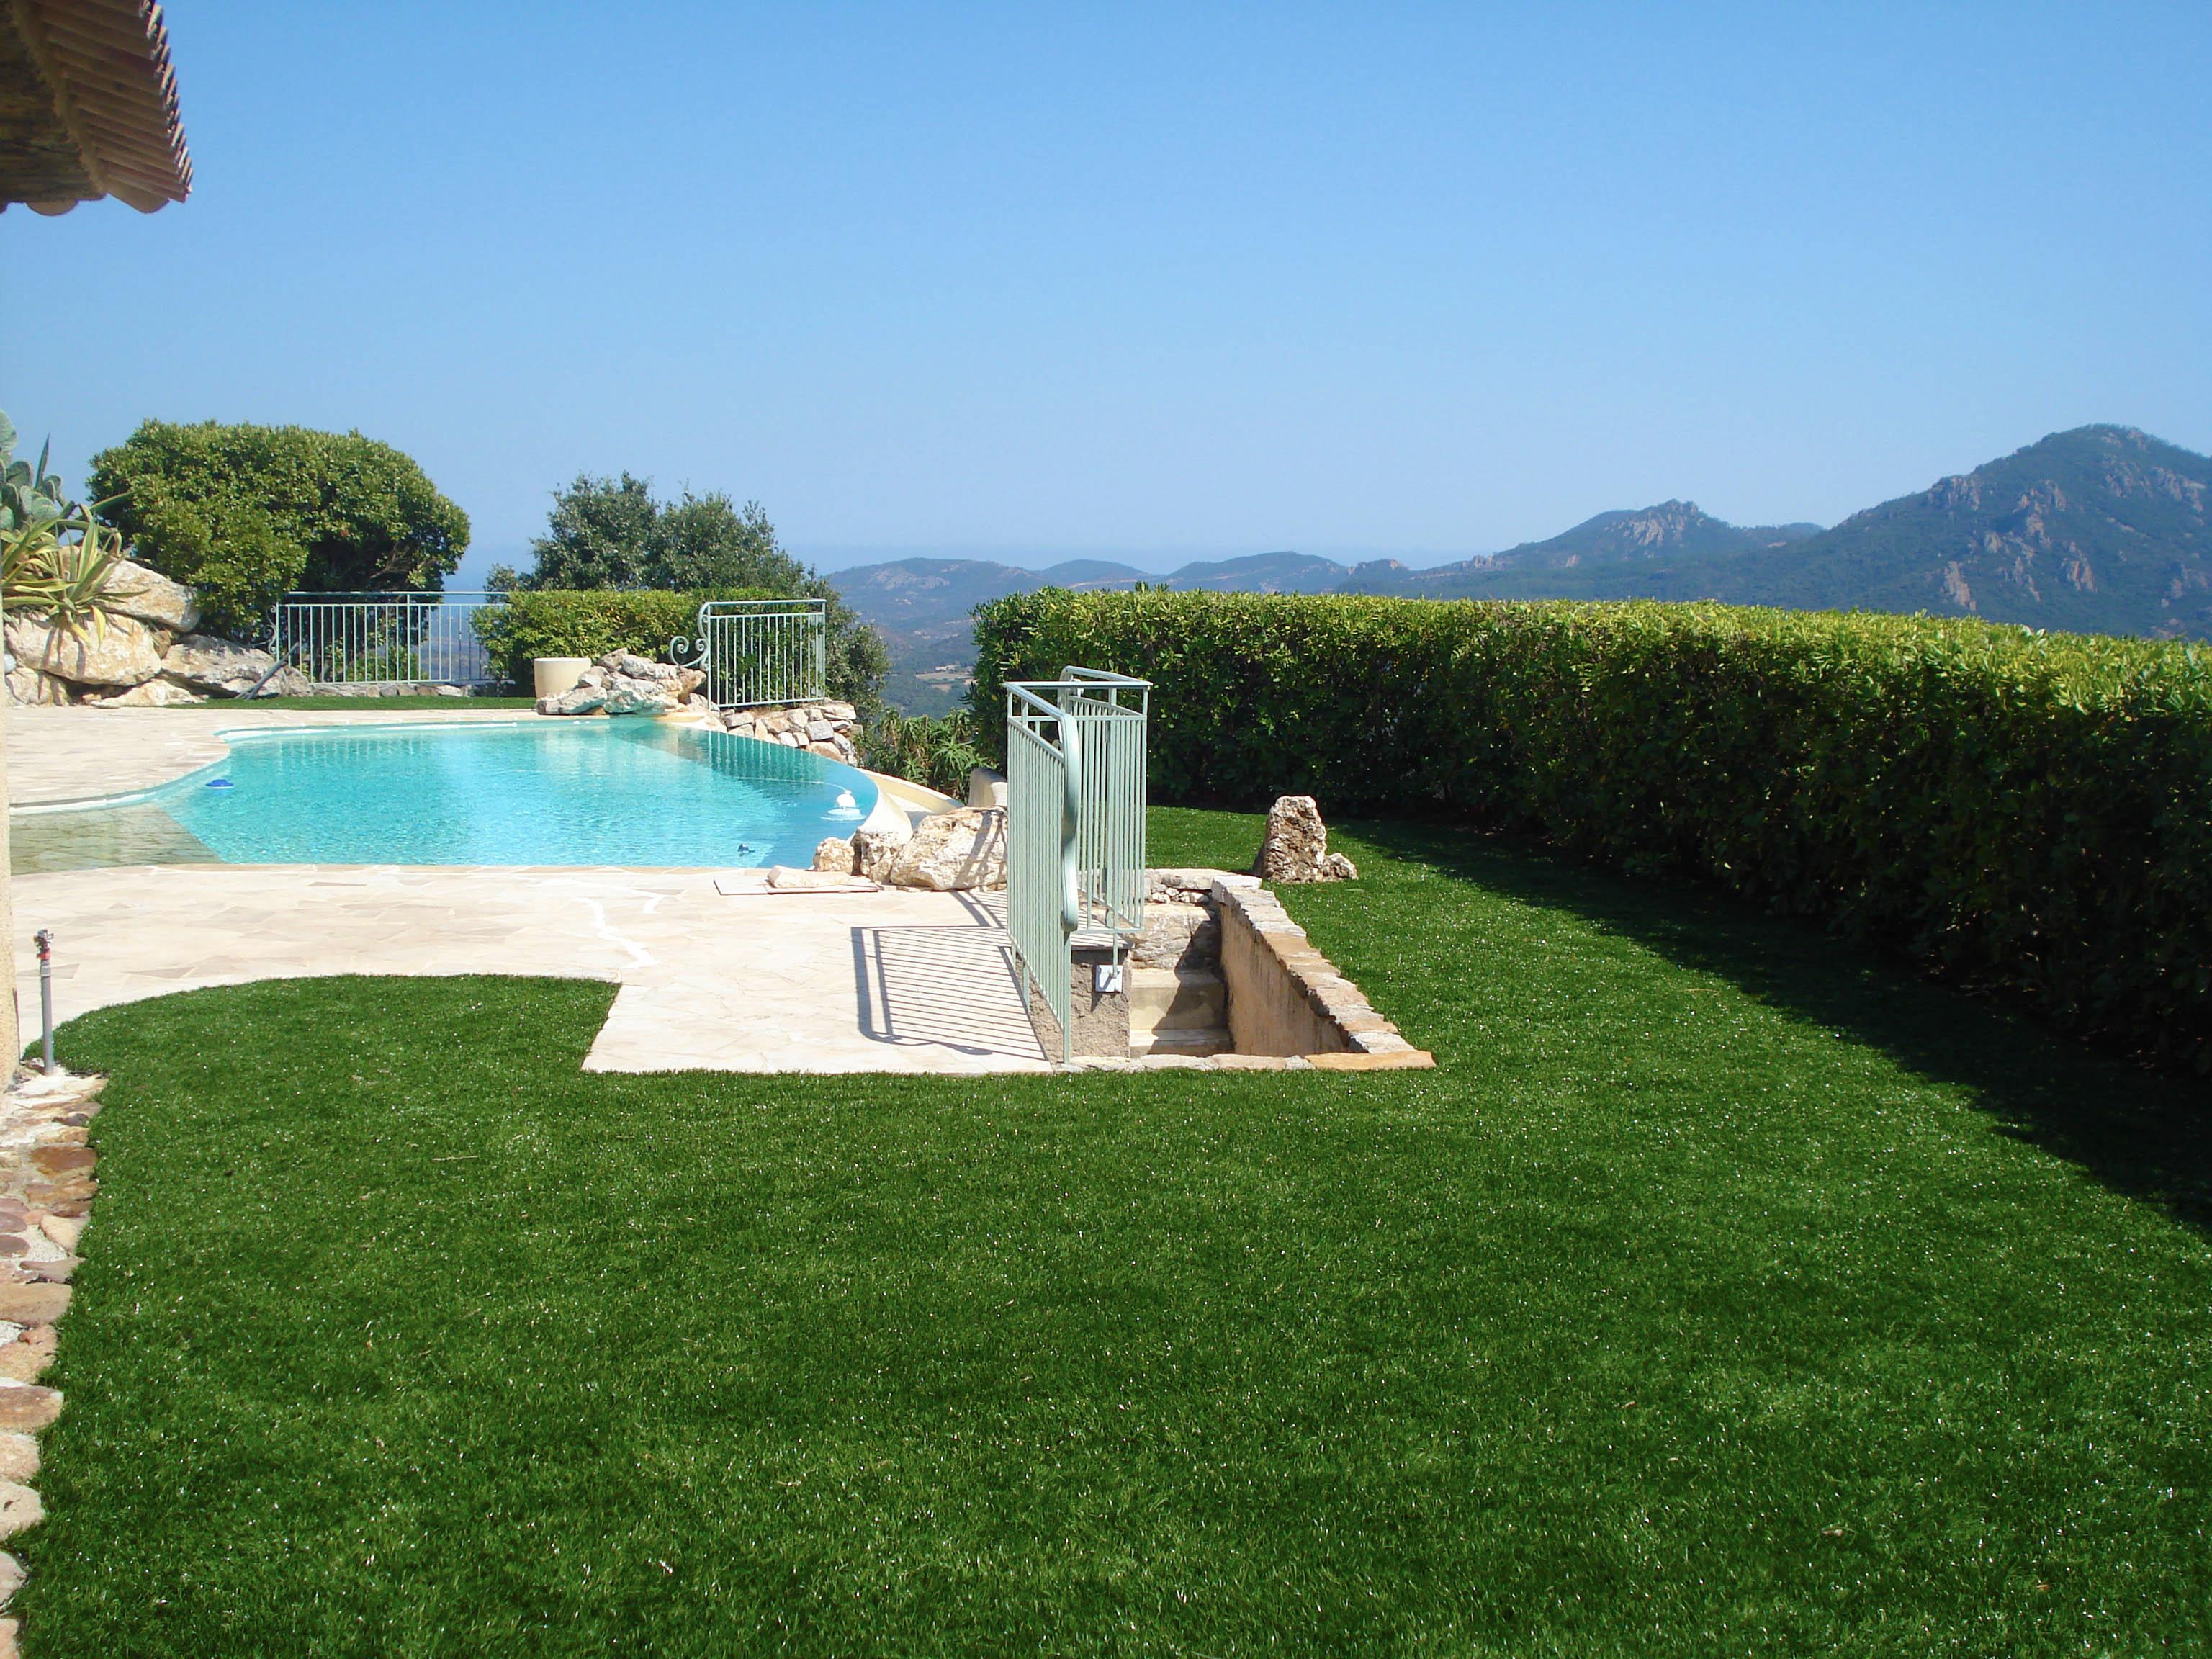 Erba sintetica italgreen landscape al sun italgreen landscape - Erba sintetica per giardino ...